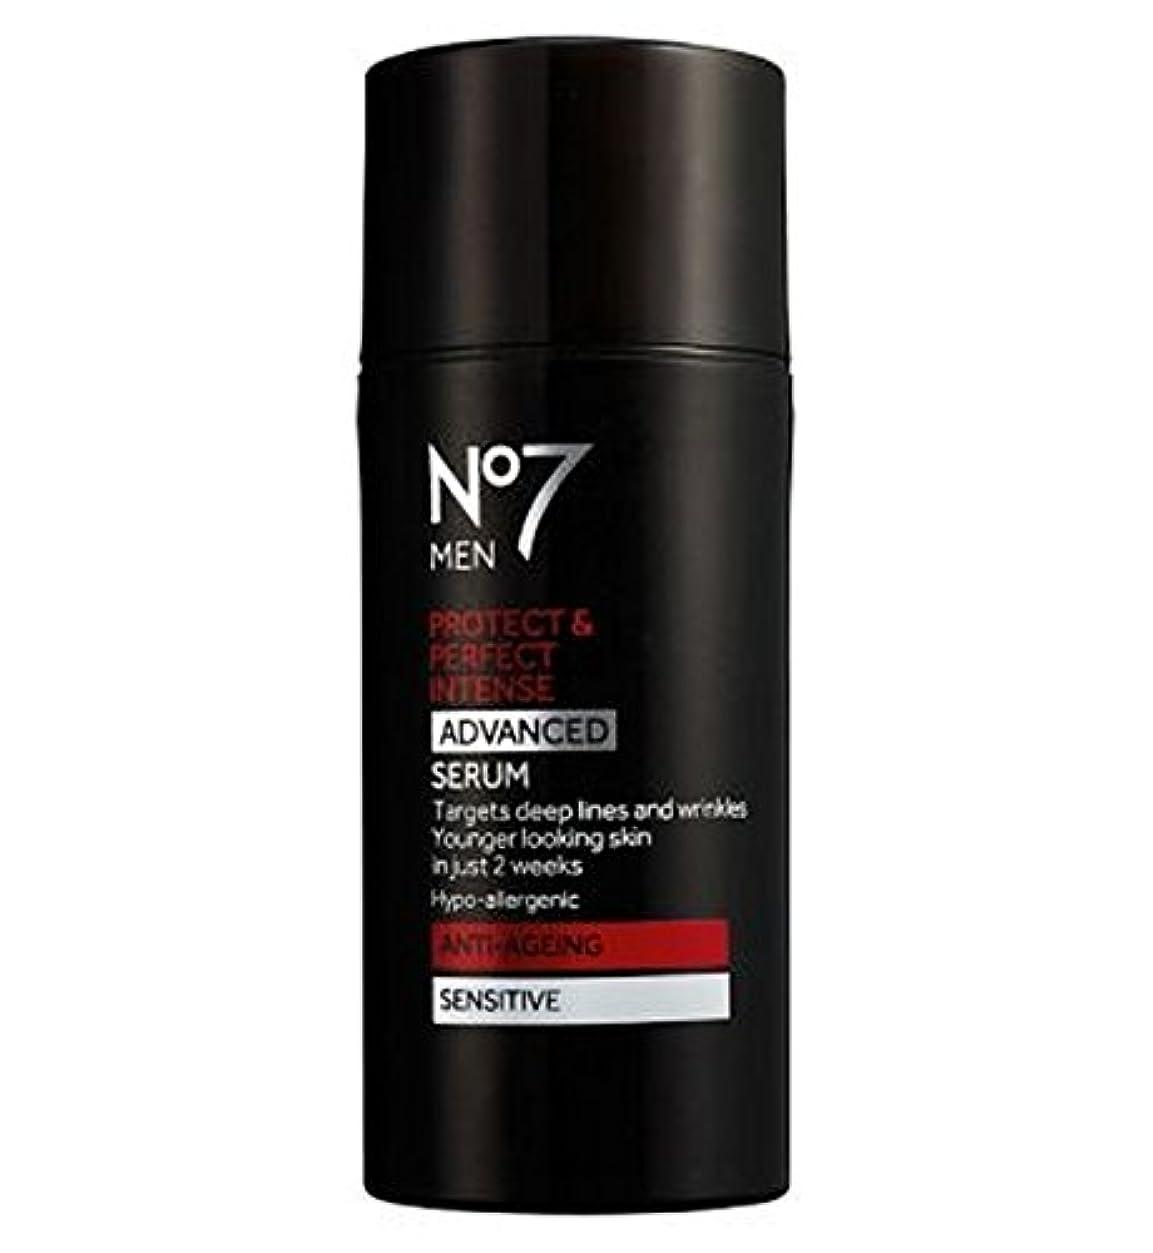 完璧な豊富山積みのNo7 Men Protect & Perfect Intense ADVANCED Serum - No7の男性は強烈な高度な血清を保護&完璧 (No7) [並行輸入品]